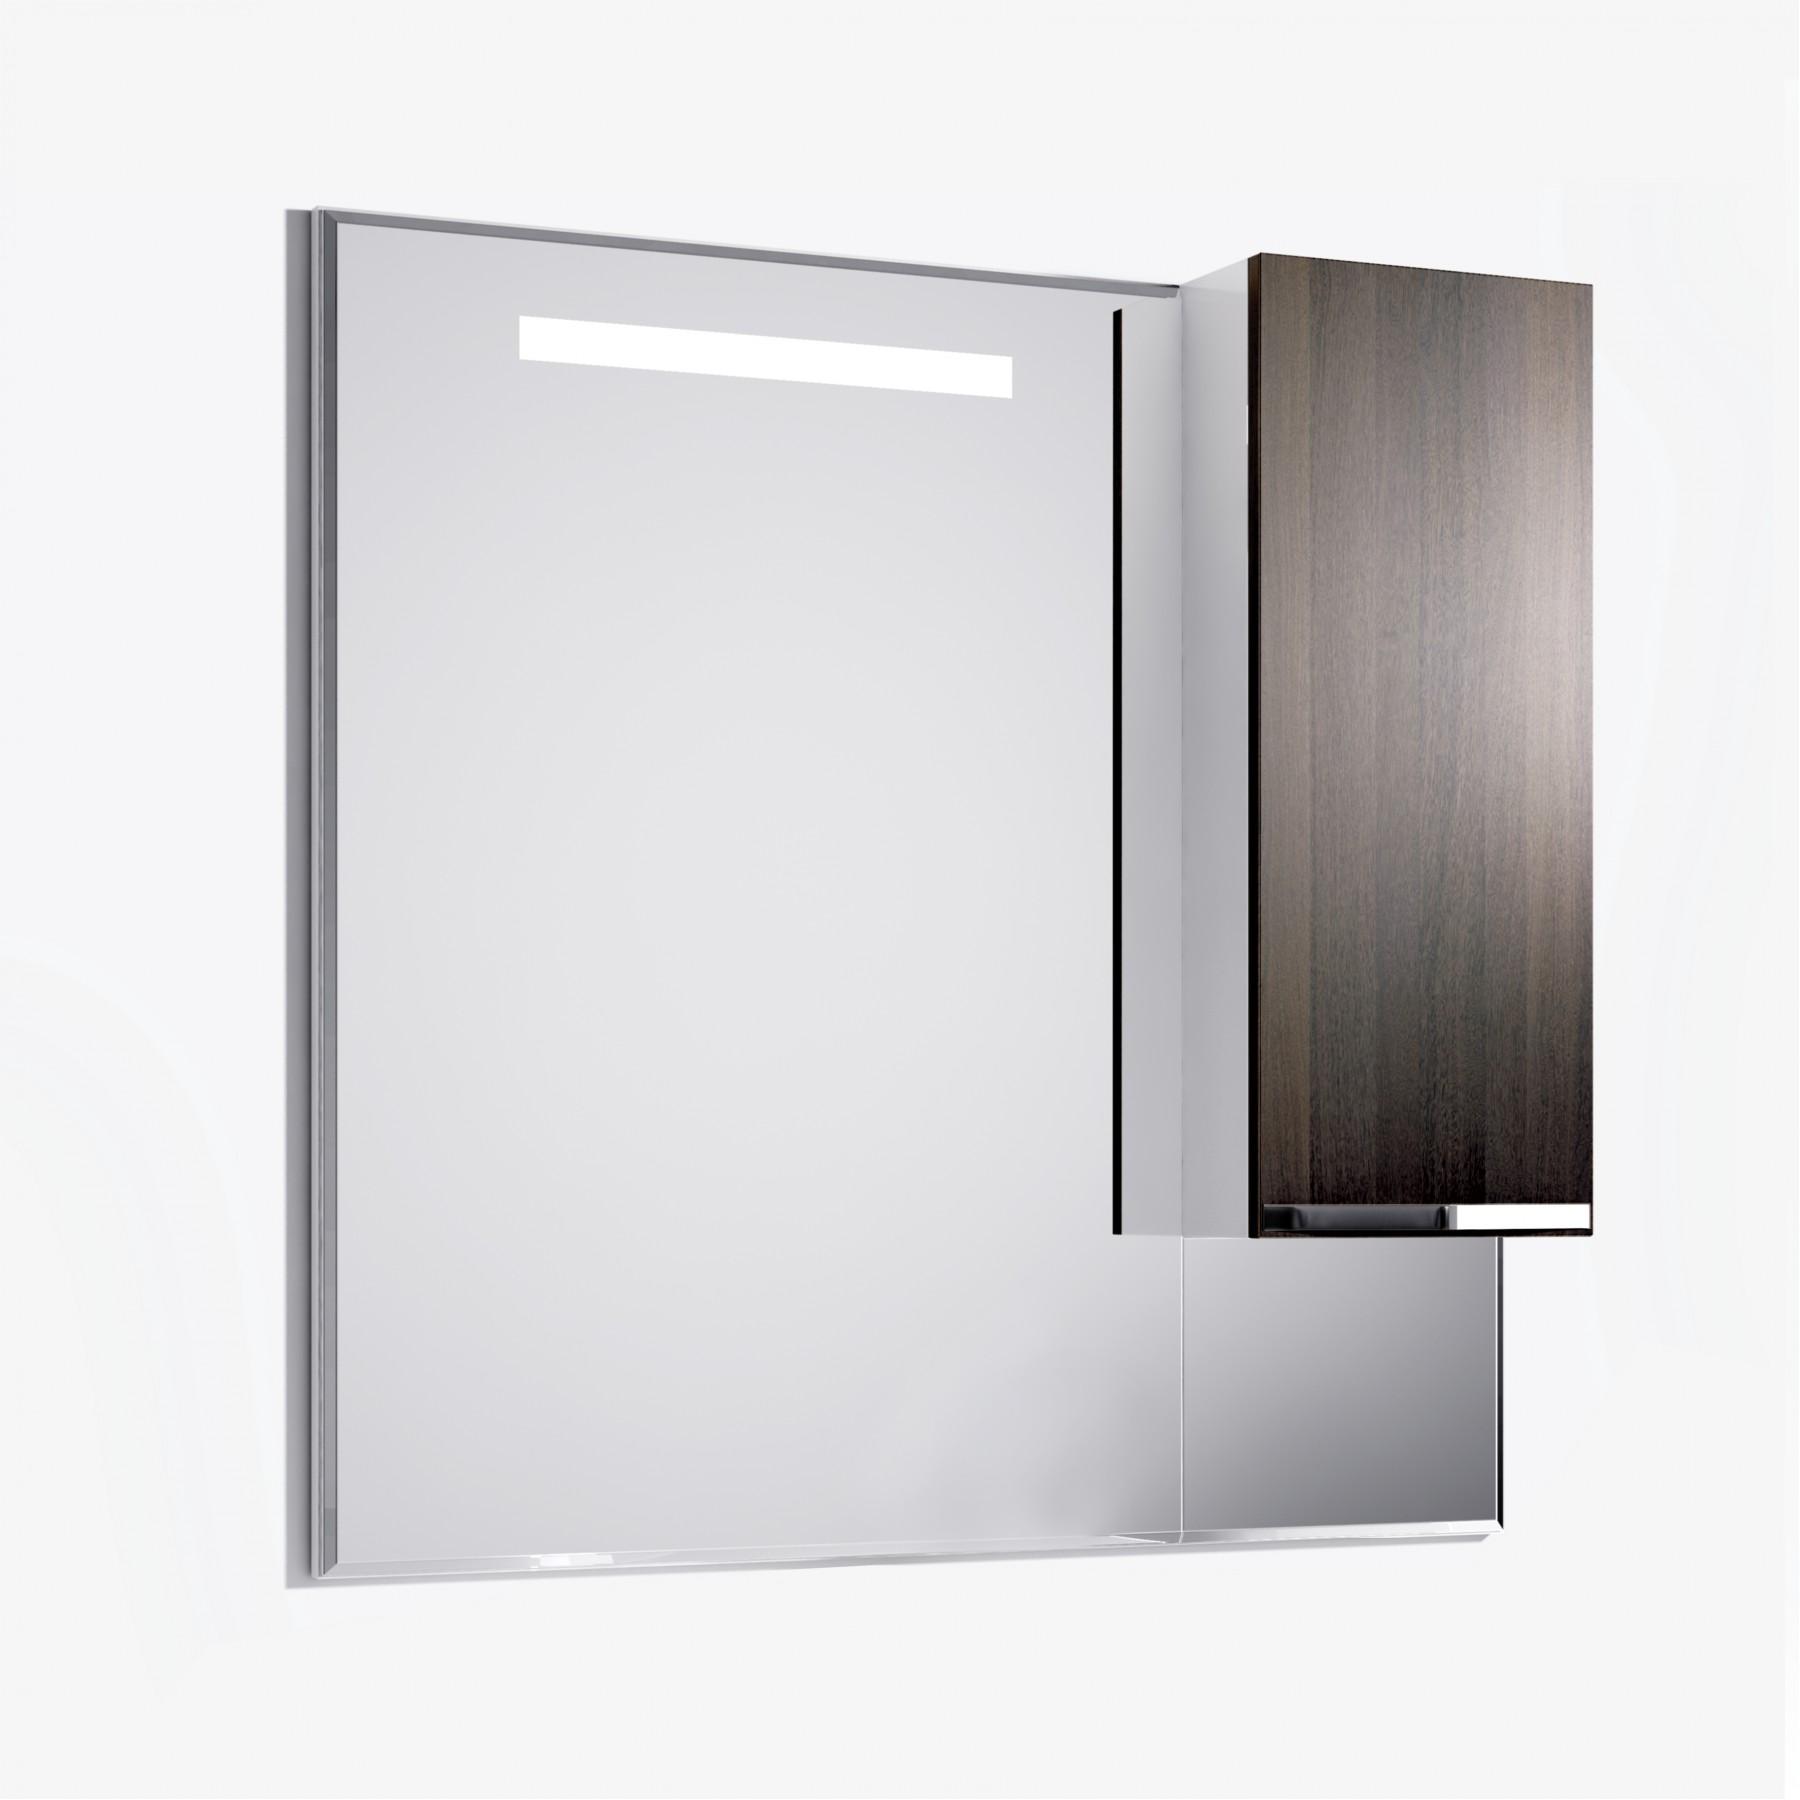 Зеркало-шкаф Latte 100 венге